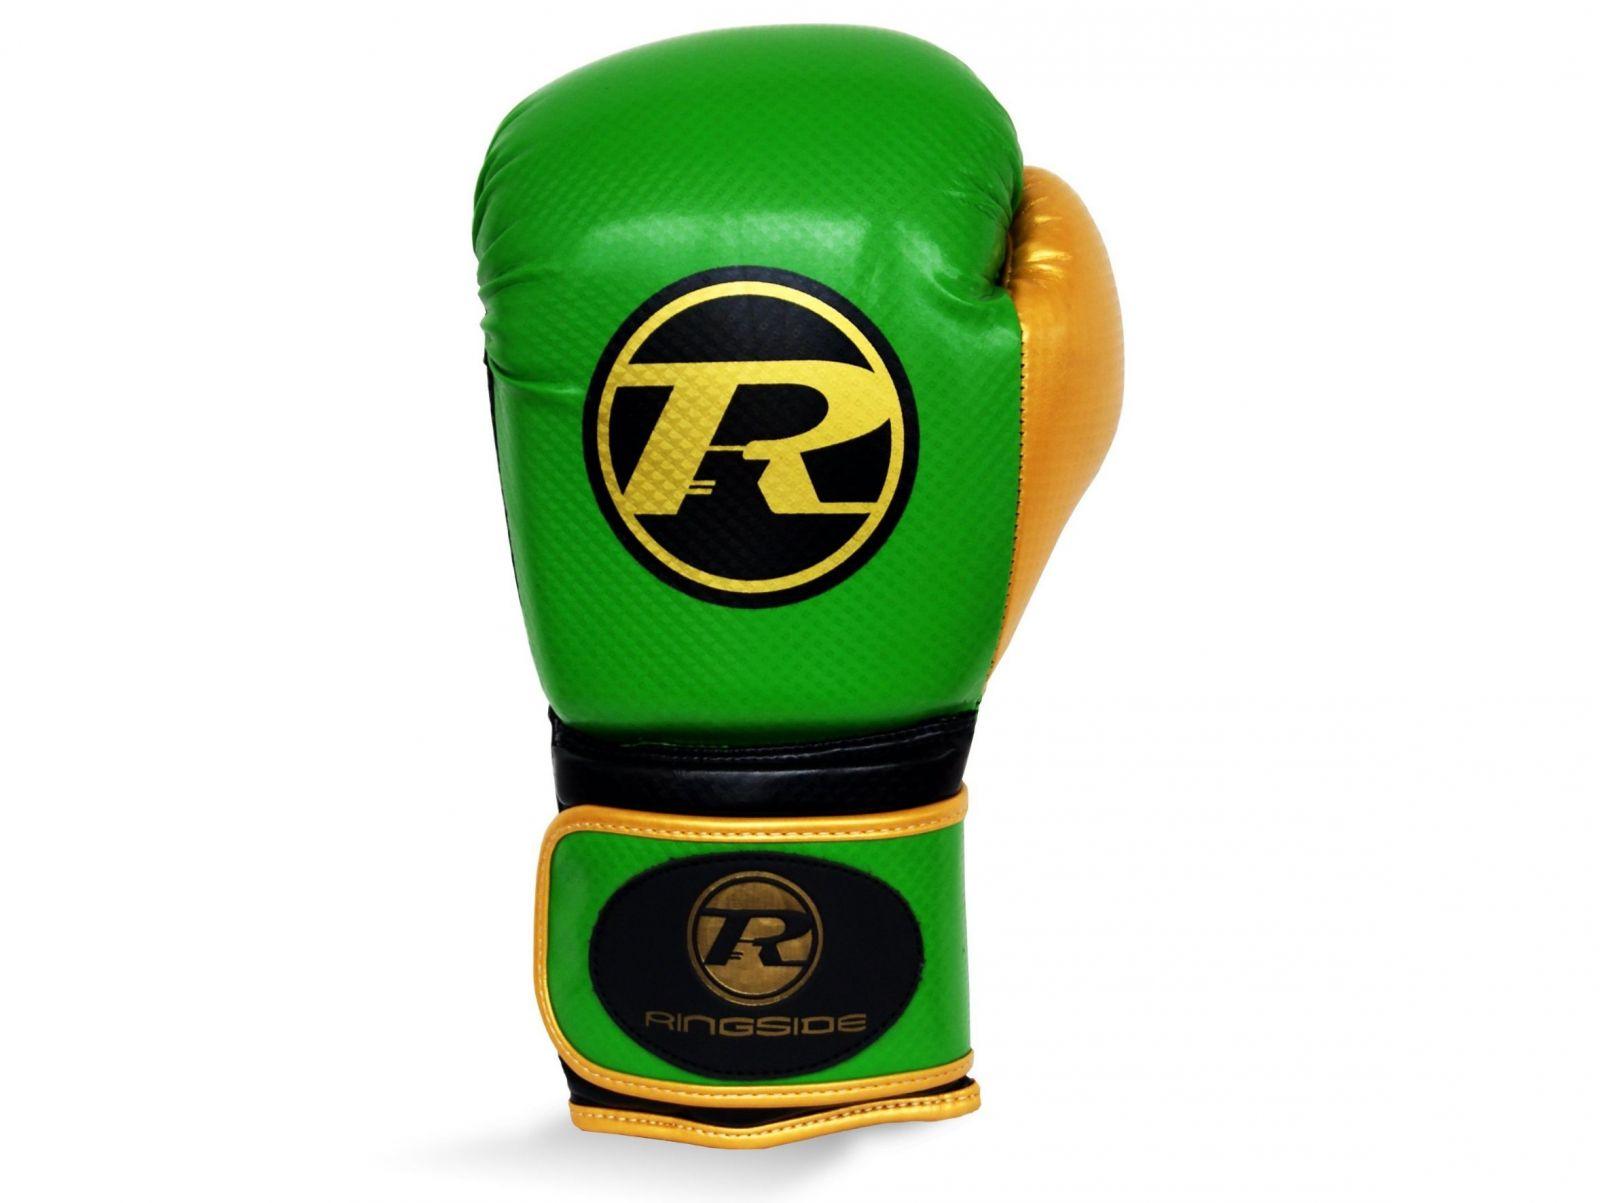 RINGSIDE Boxerské rukavice Pro Fitness (16oz) - zelená/zlatá